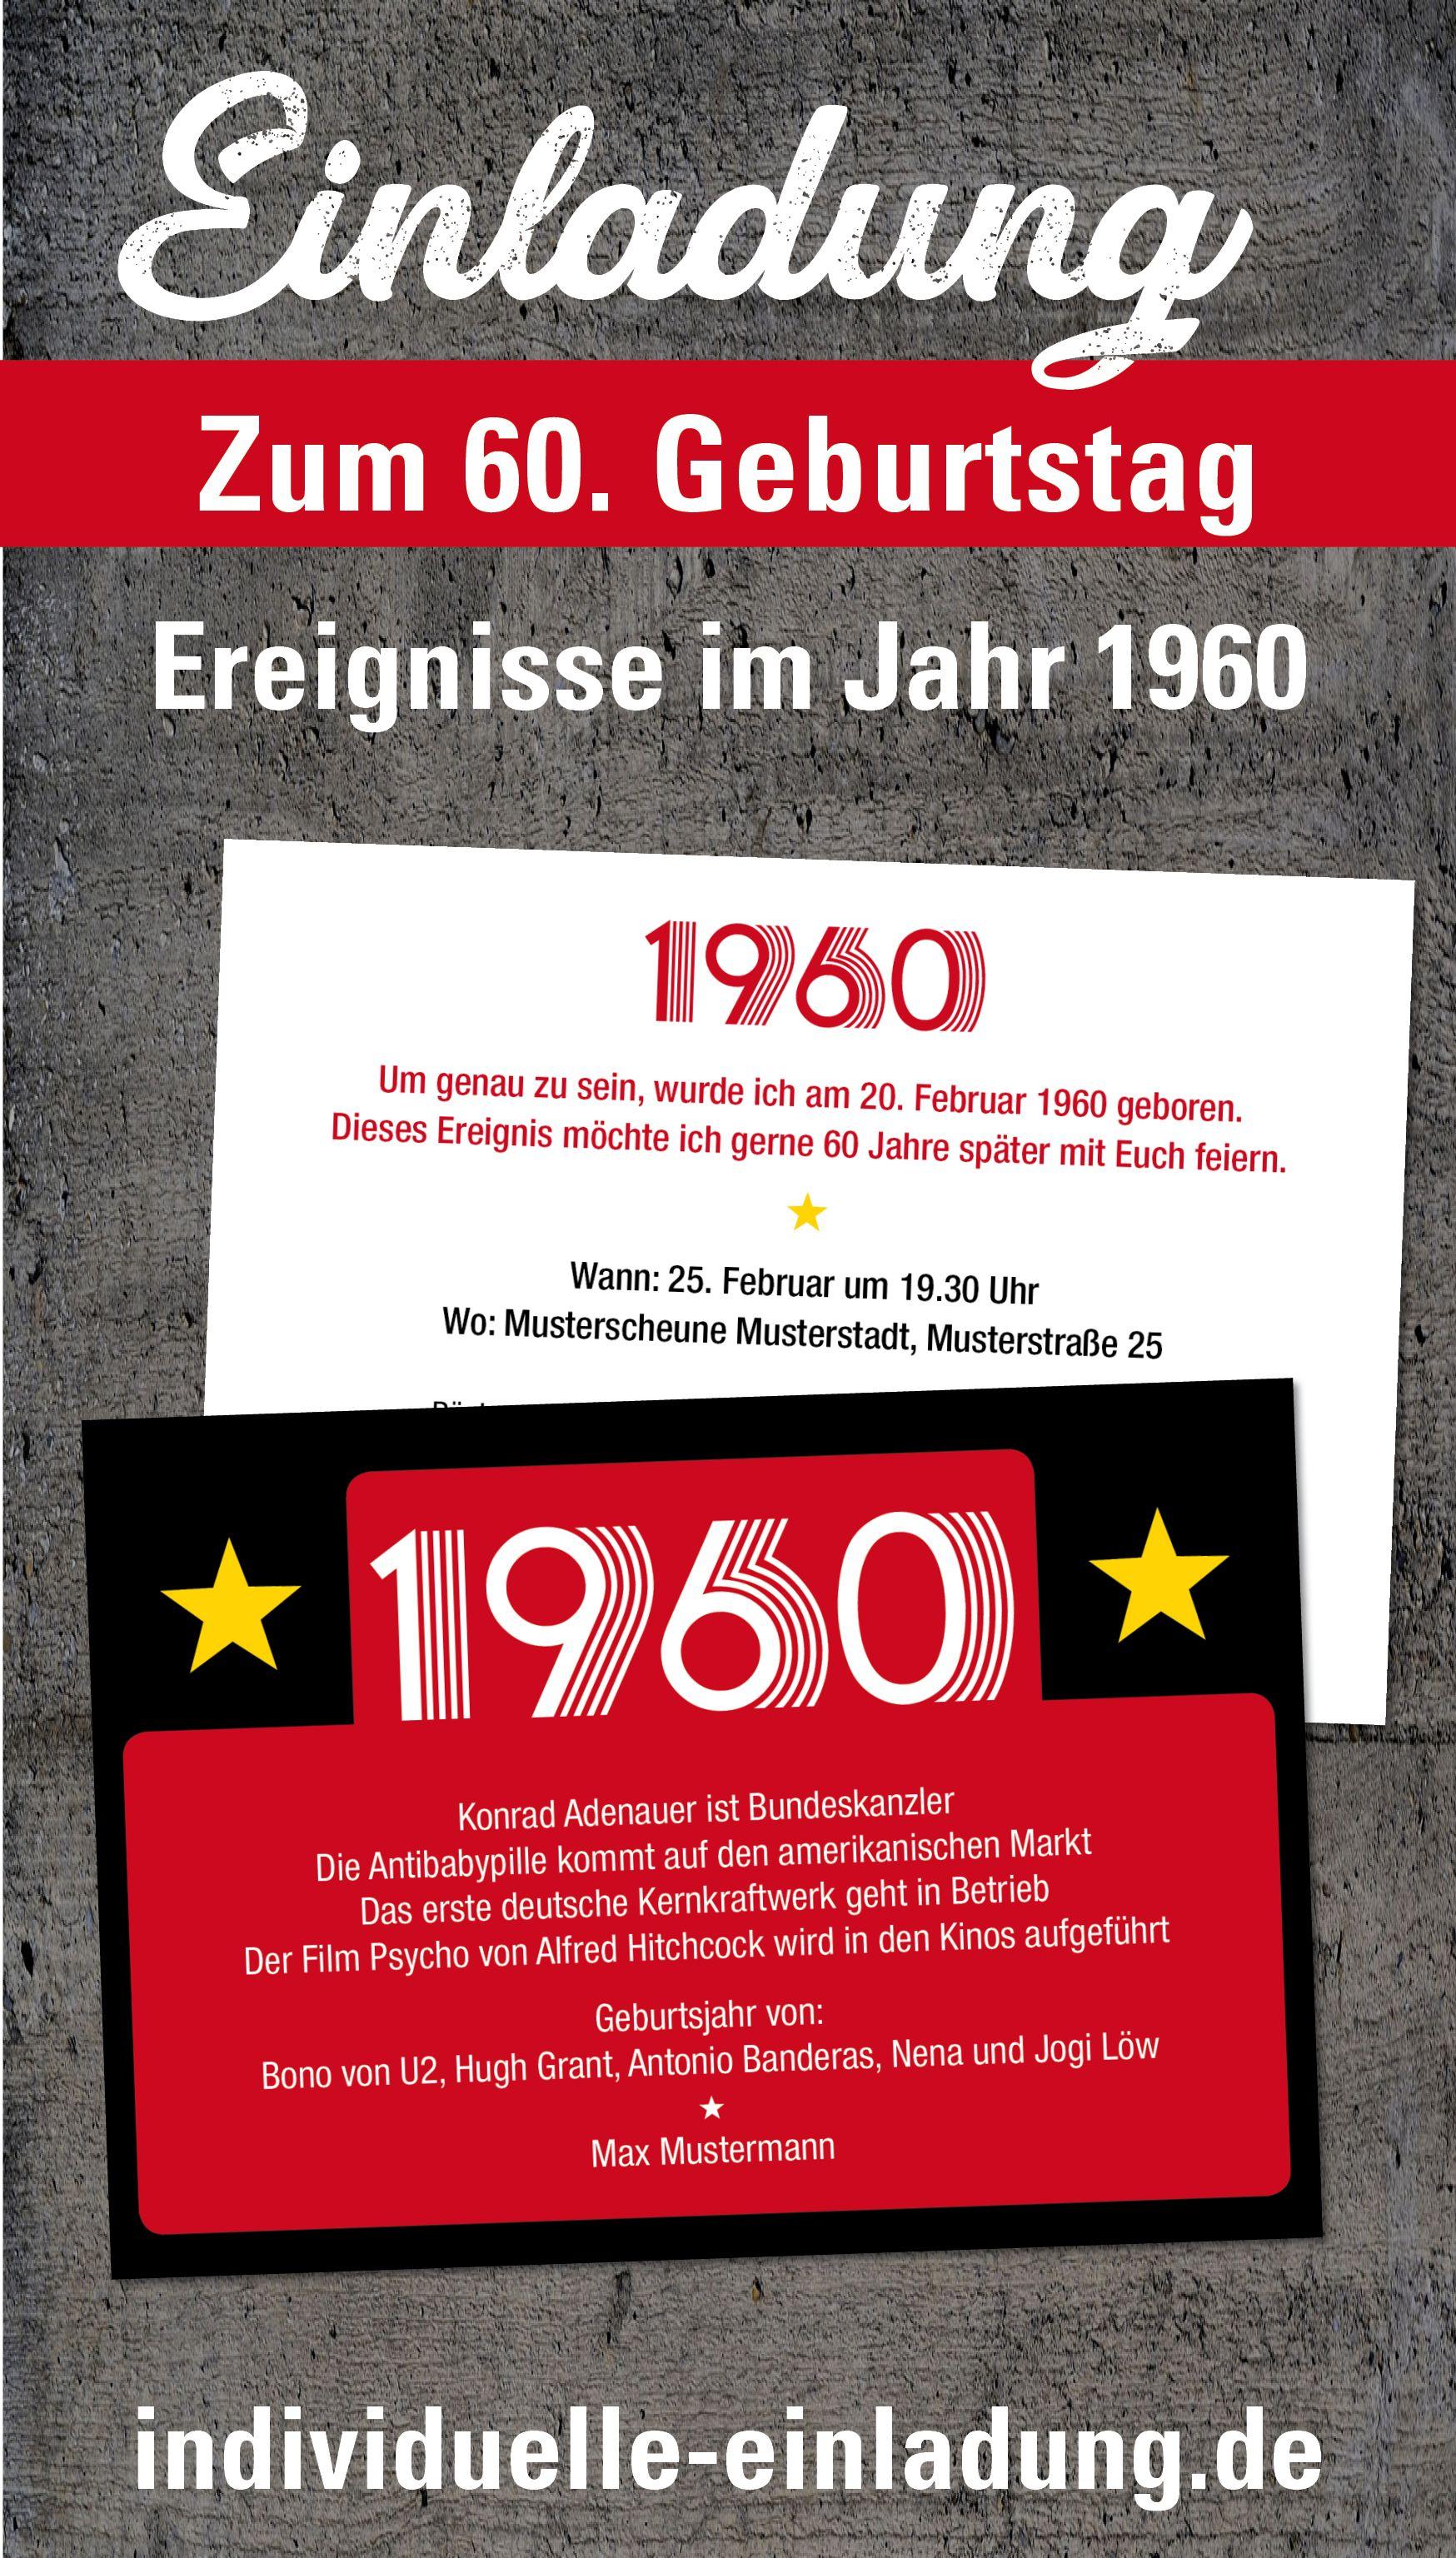 Einladung Zum 60 Geburtstag Jahrgang 1960 Ereignisse In 2020